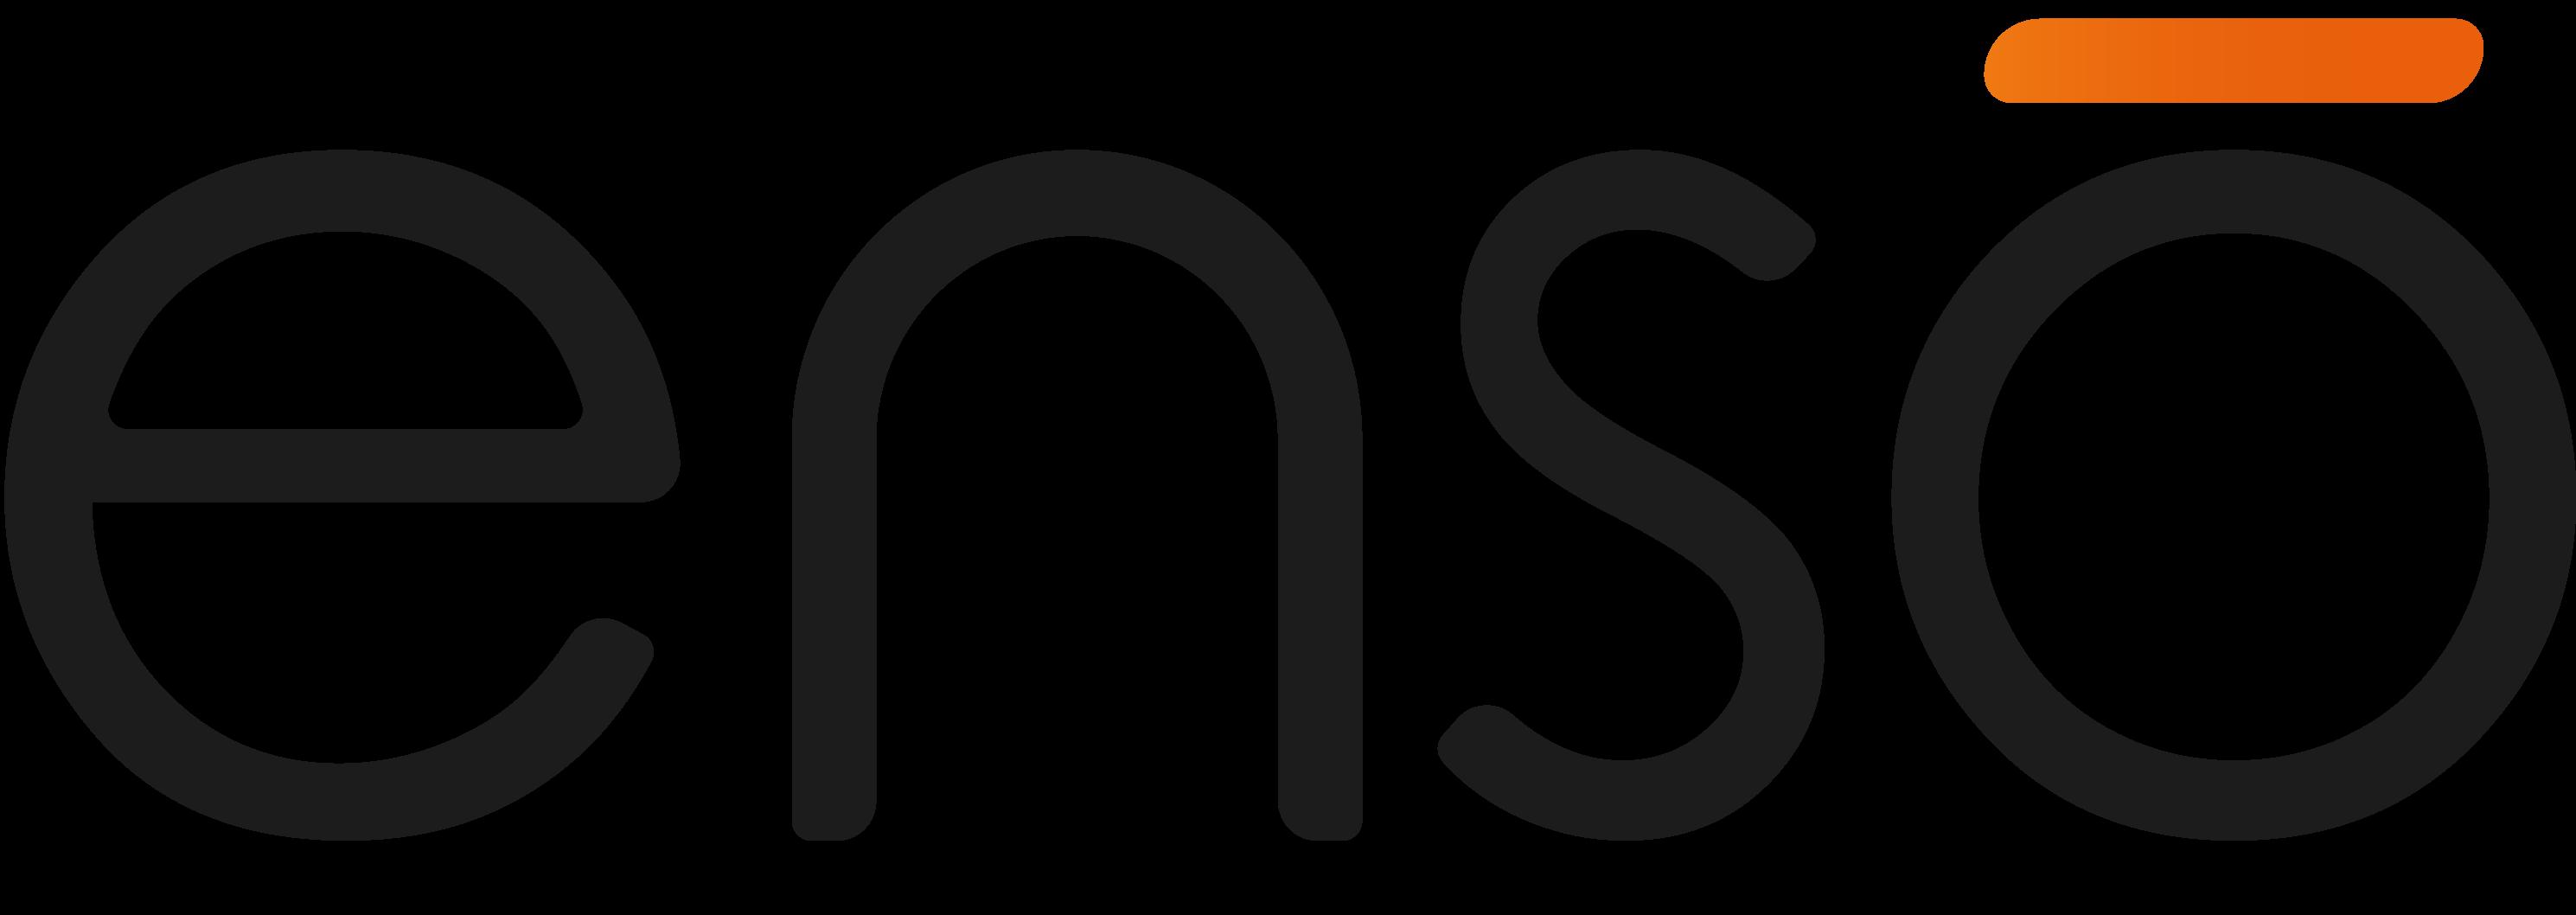 Enso – Marketing Digital e Estratégia